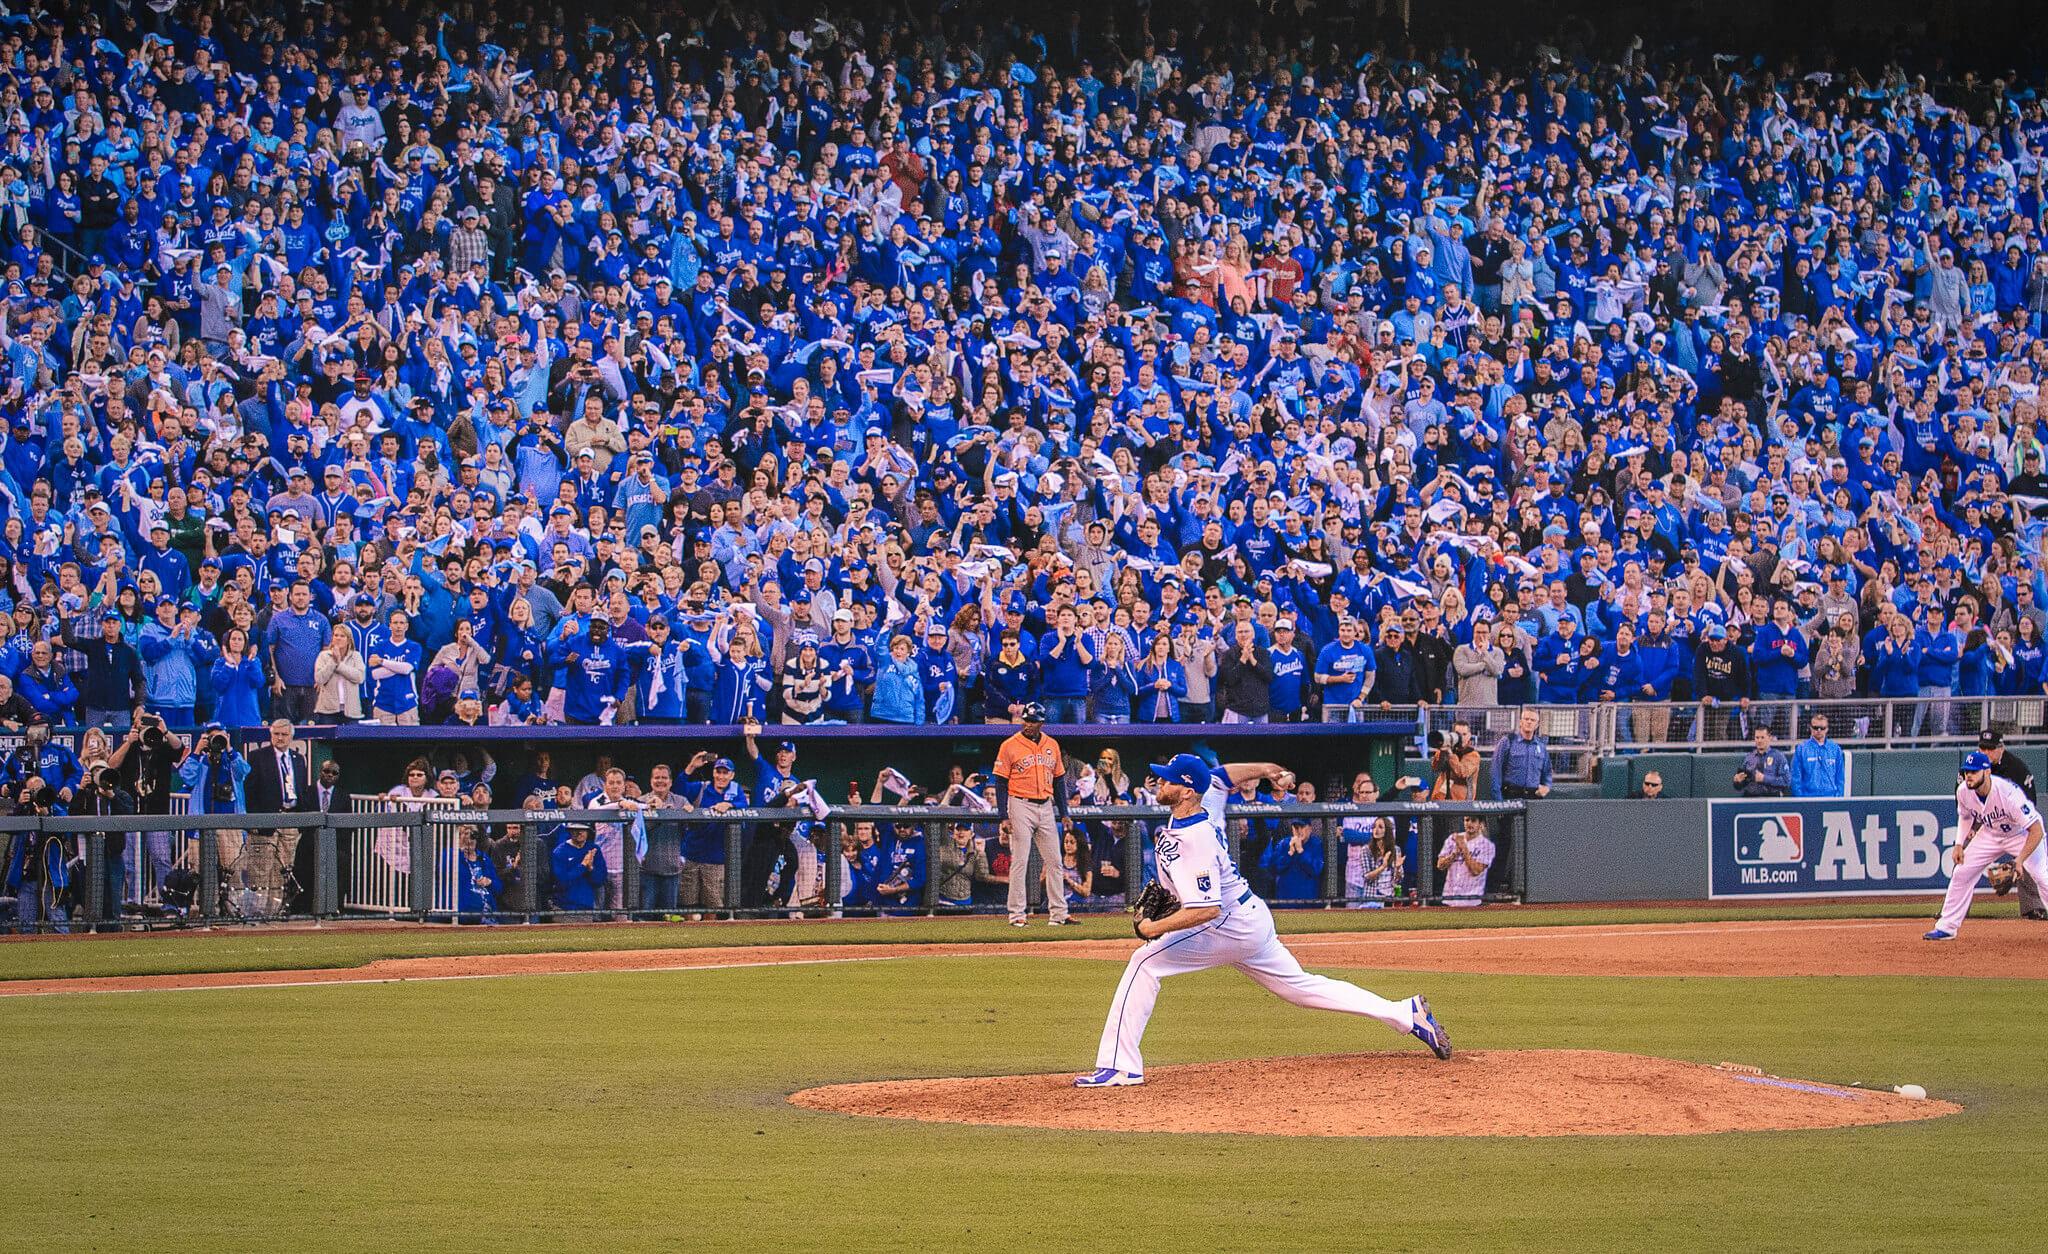 Royals baseballs